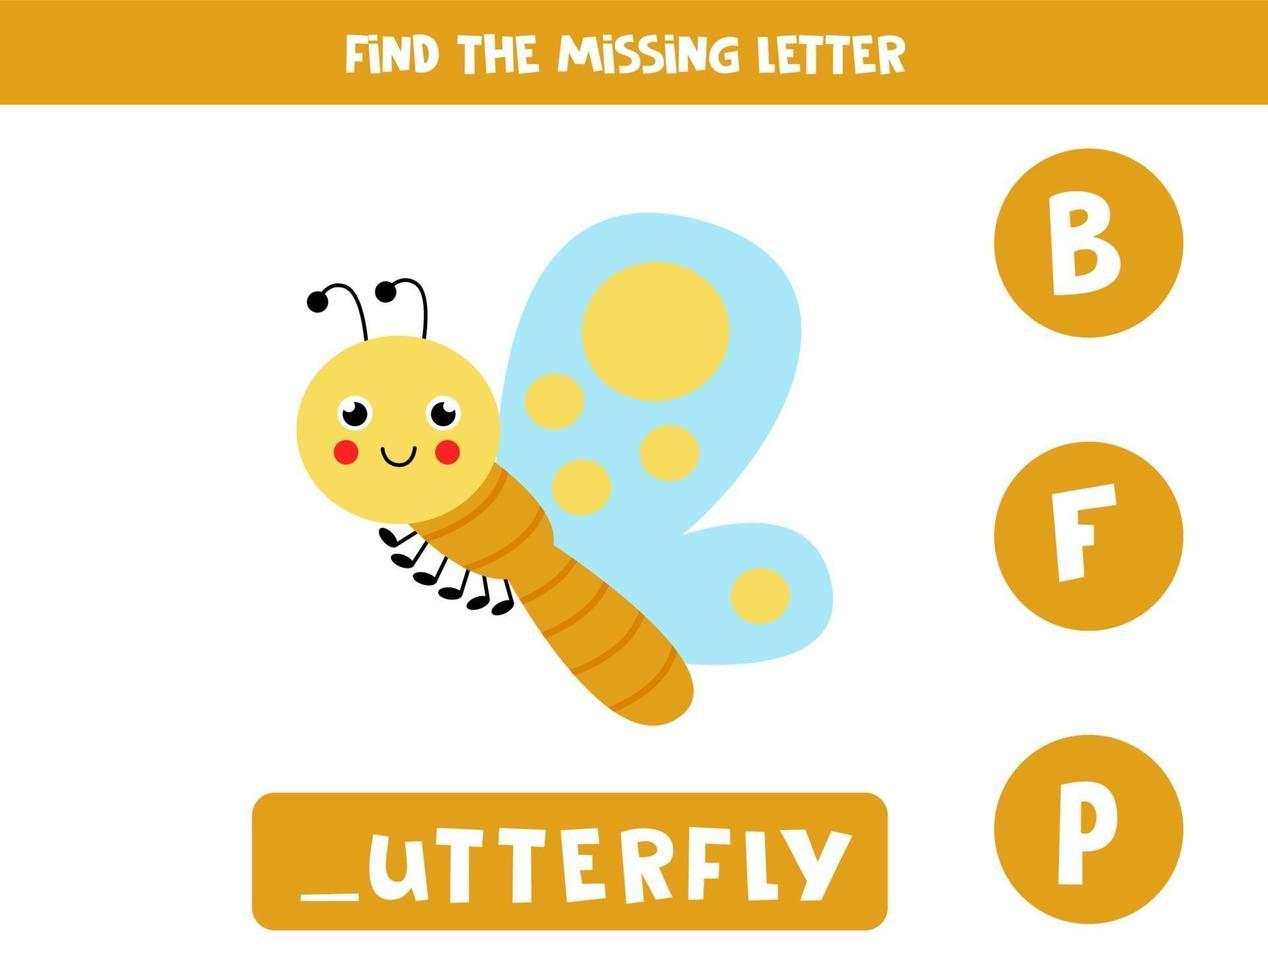 trova la lettera mancante con una farfalla carina. foglio di lavoro di ortografia. vettore